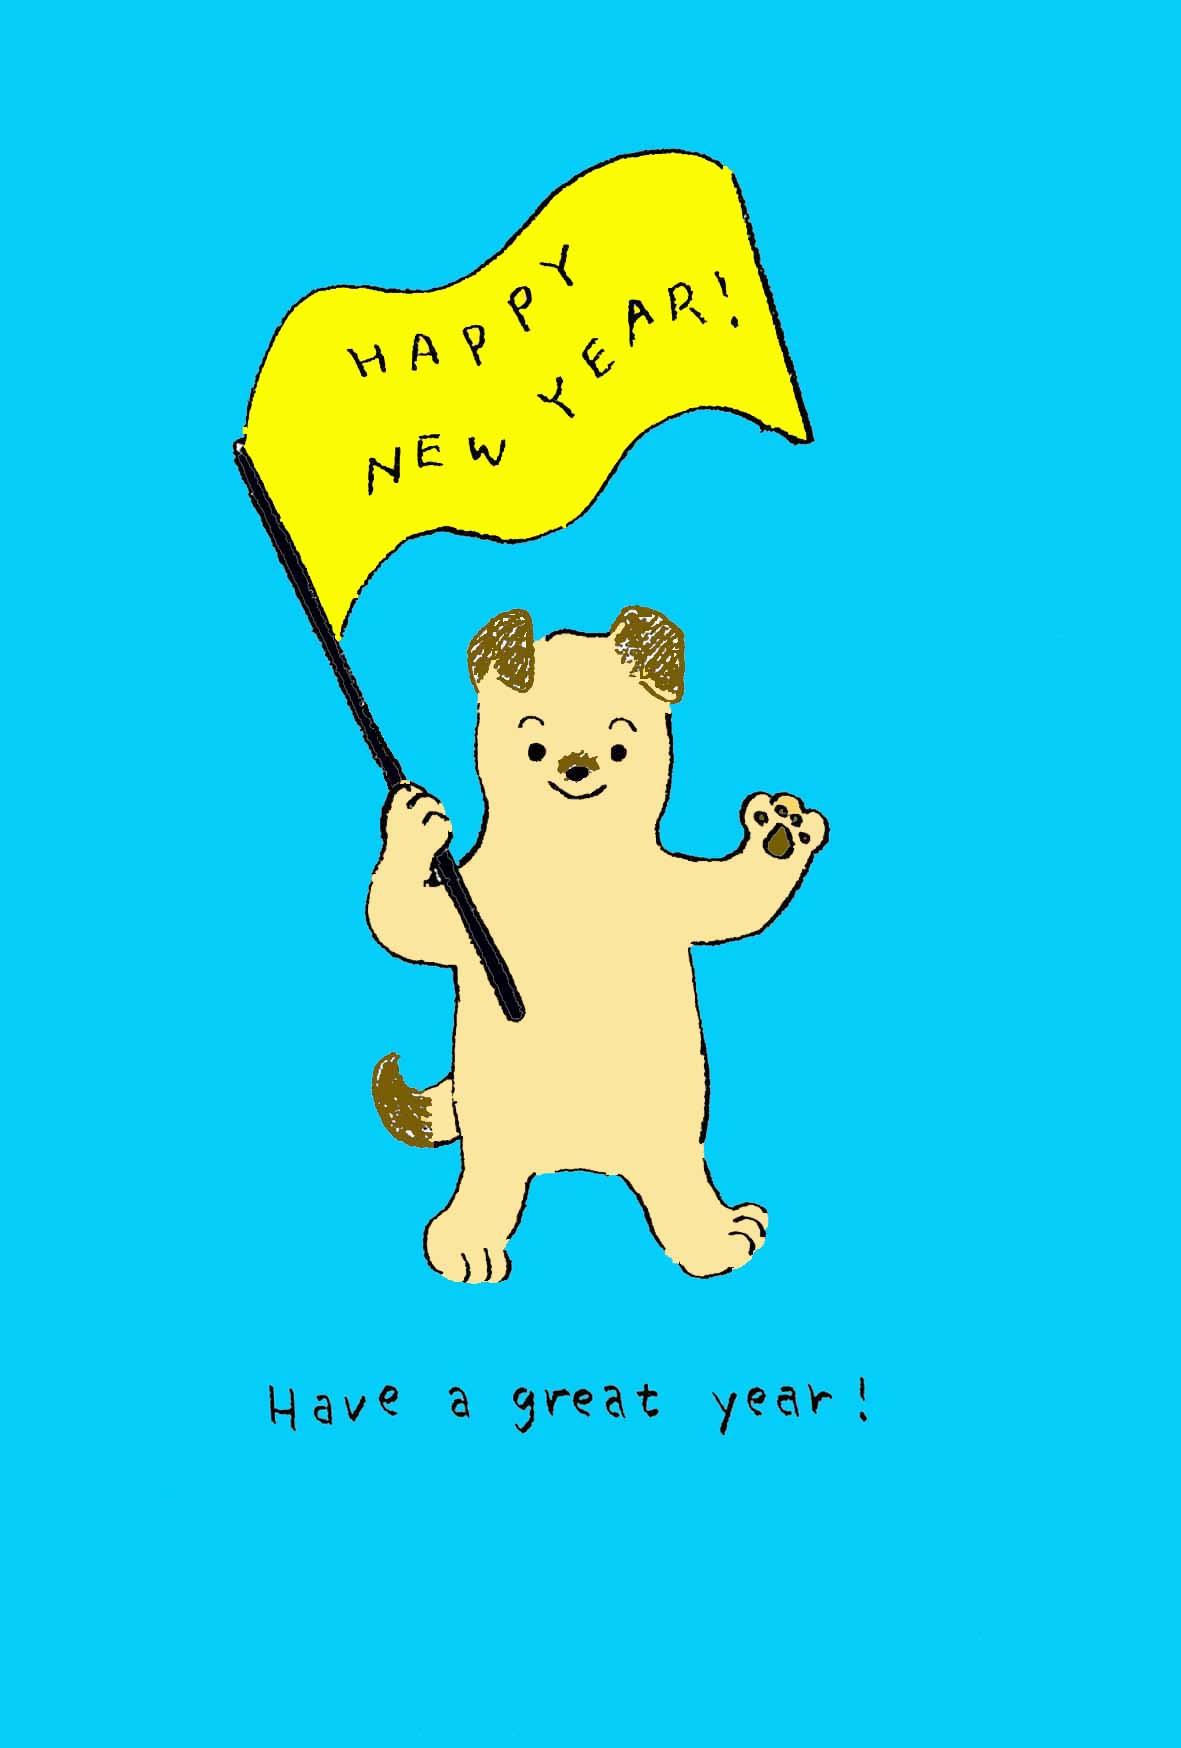 戌年無料年賀状 かわいい犬のイラスト年賀状無料ダウンロード 30年